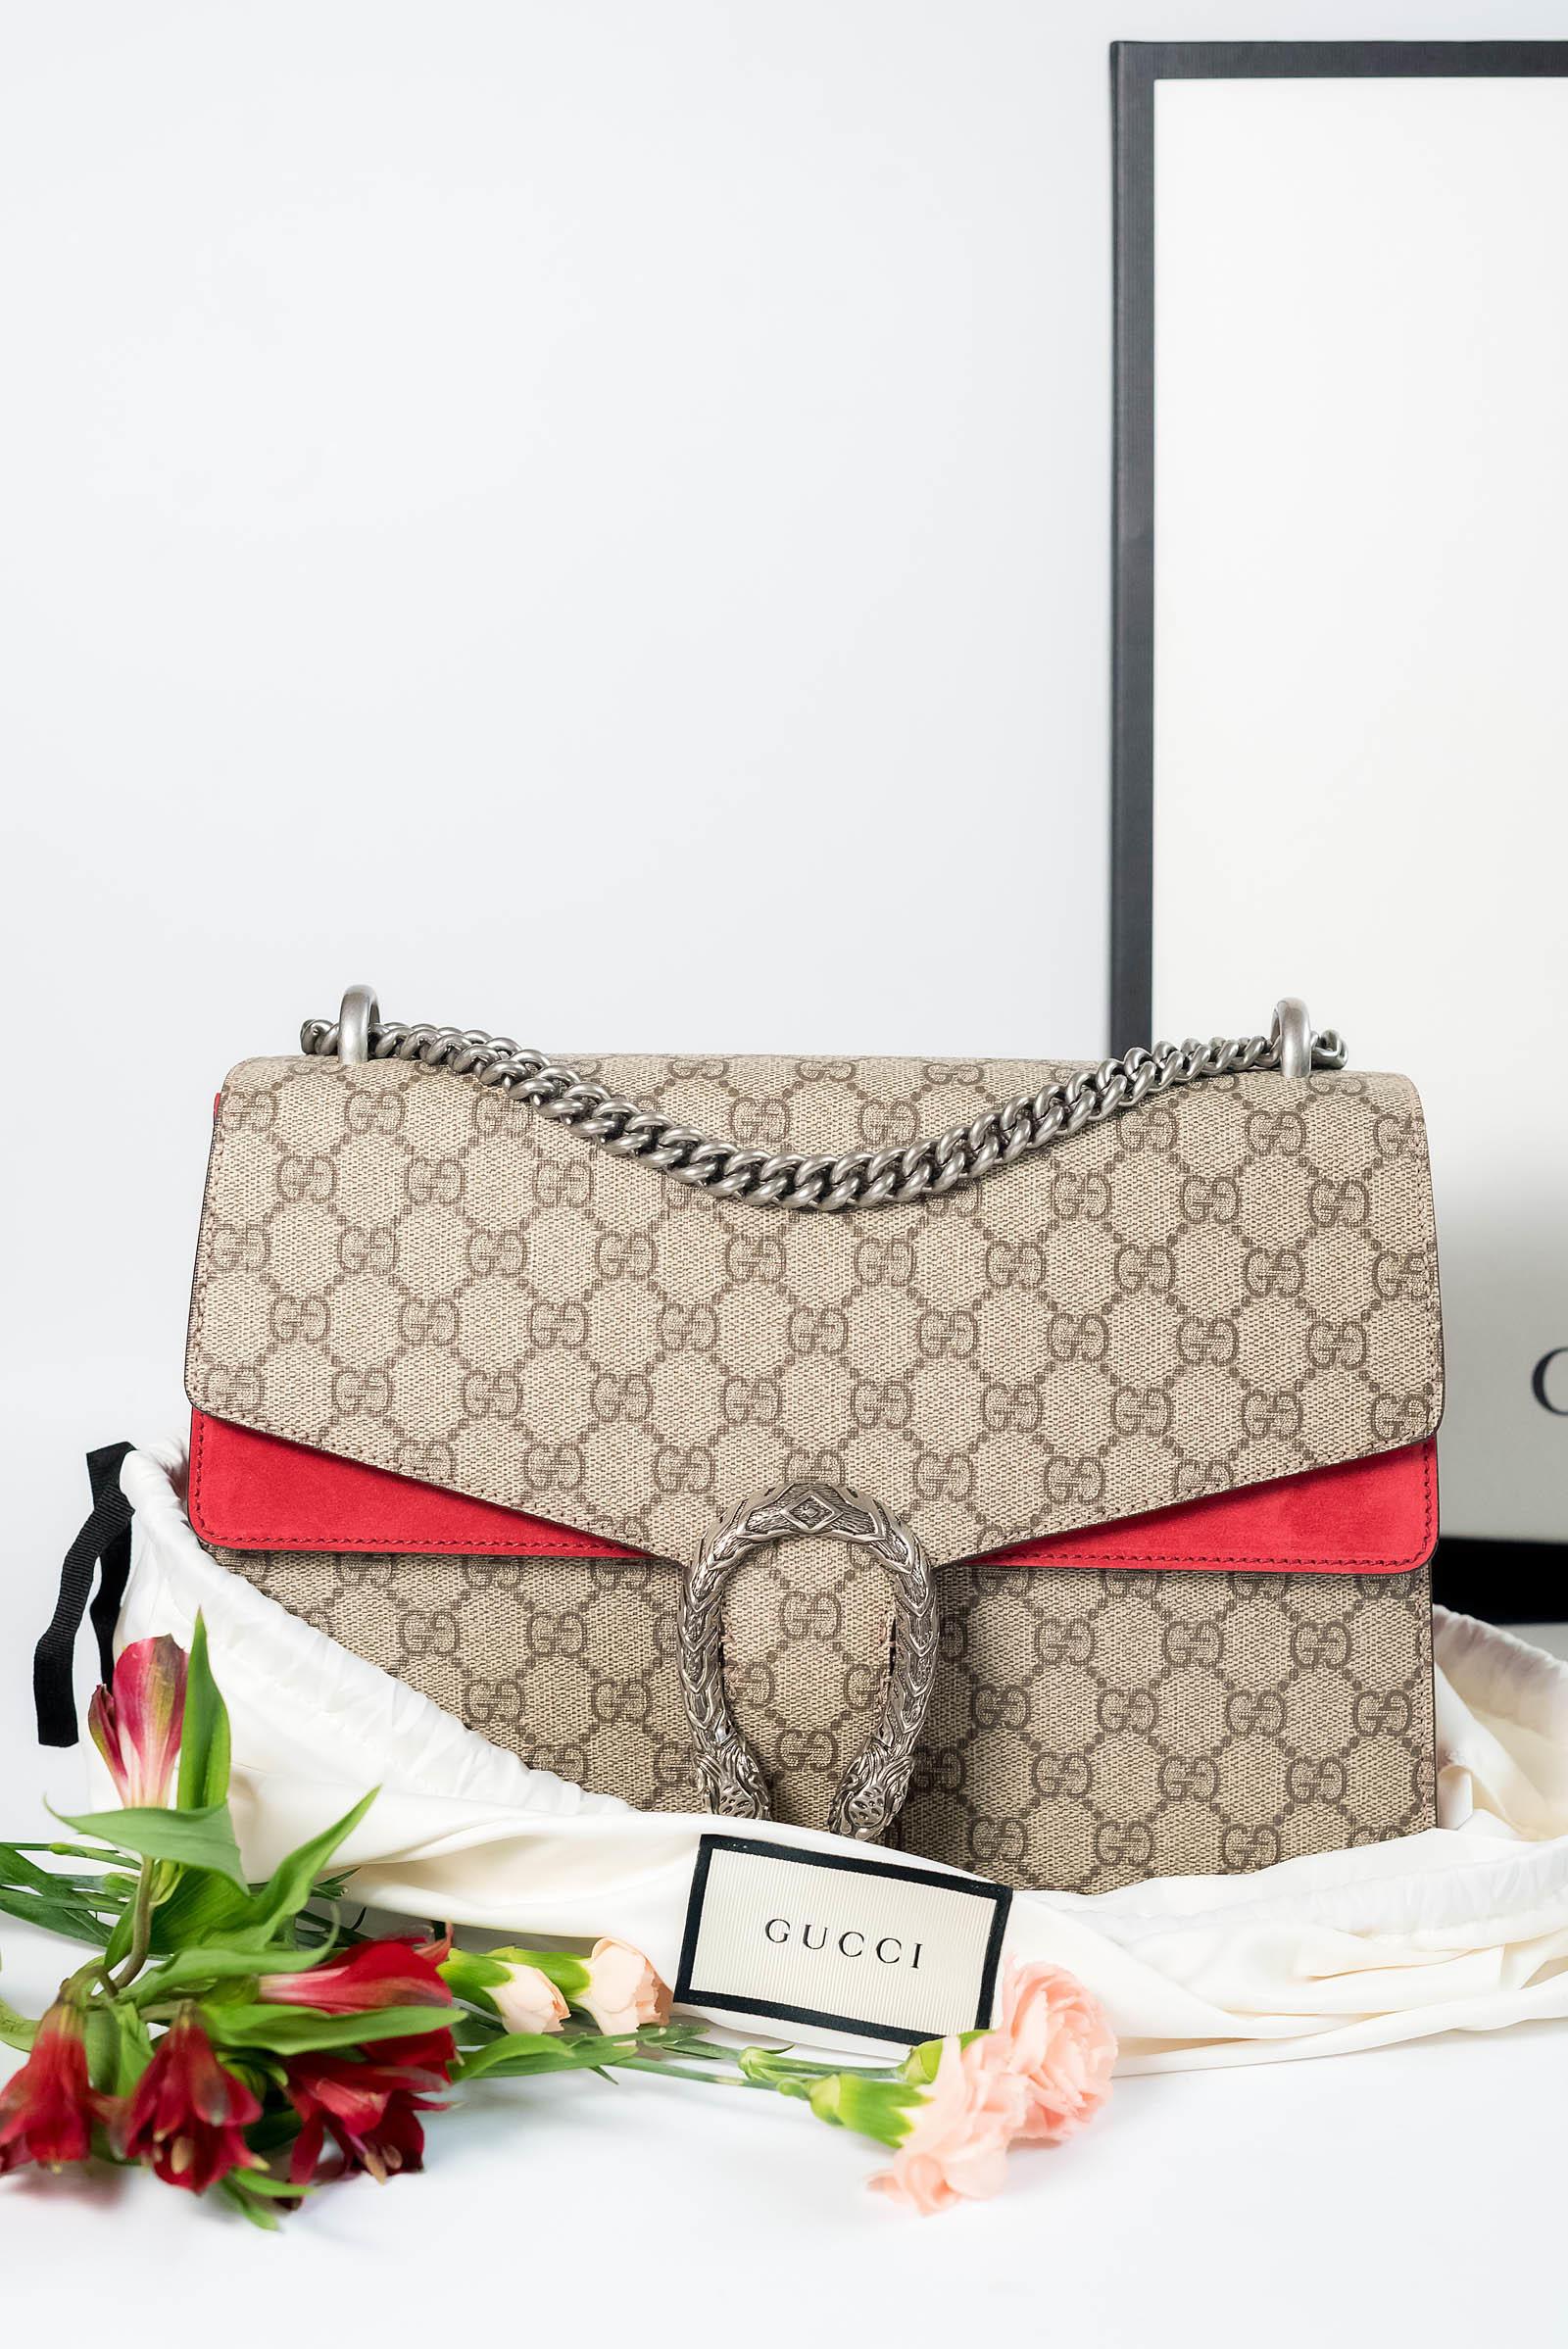 Gucci Dionysus Bag